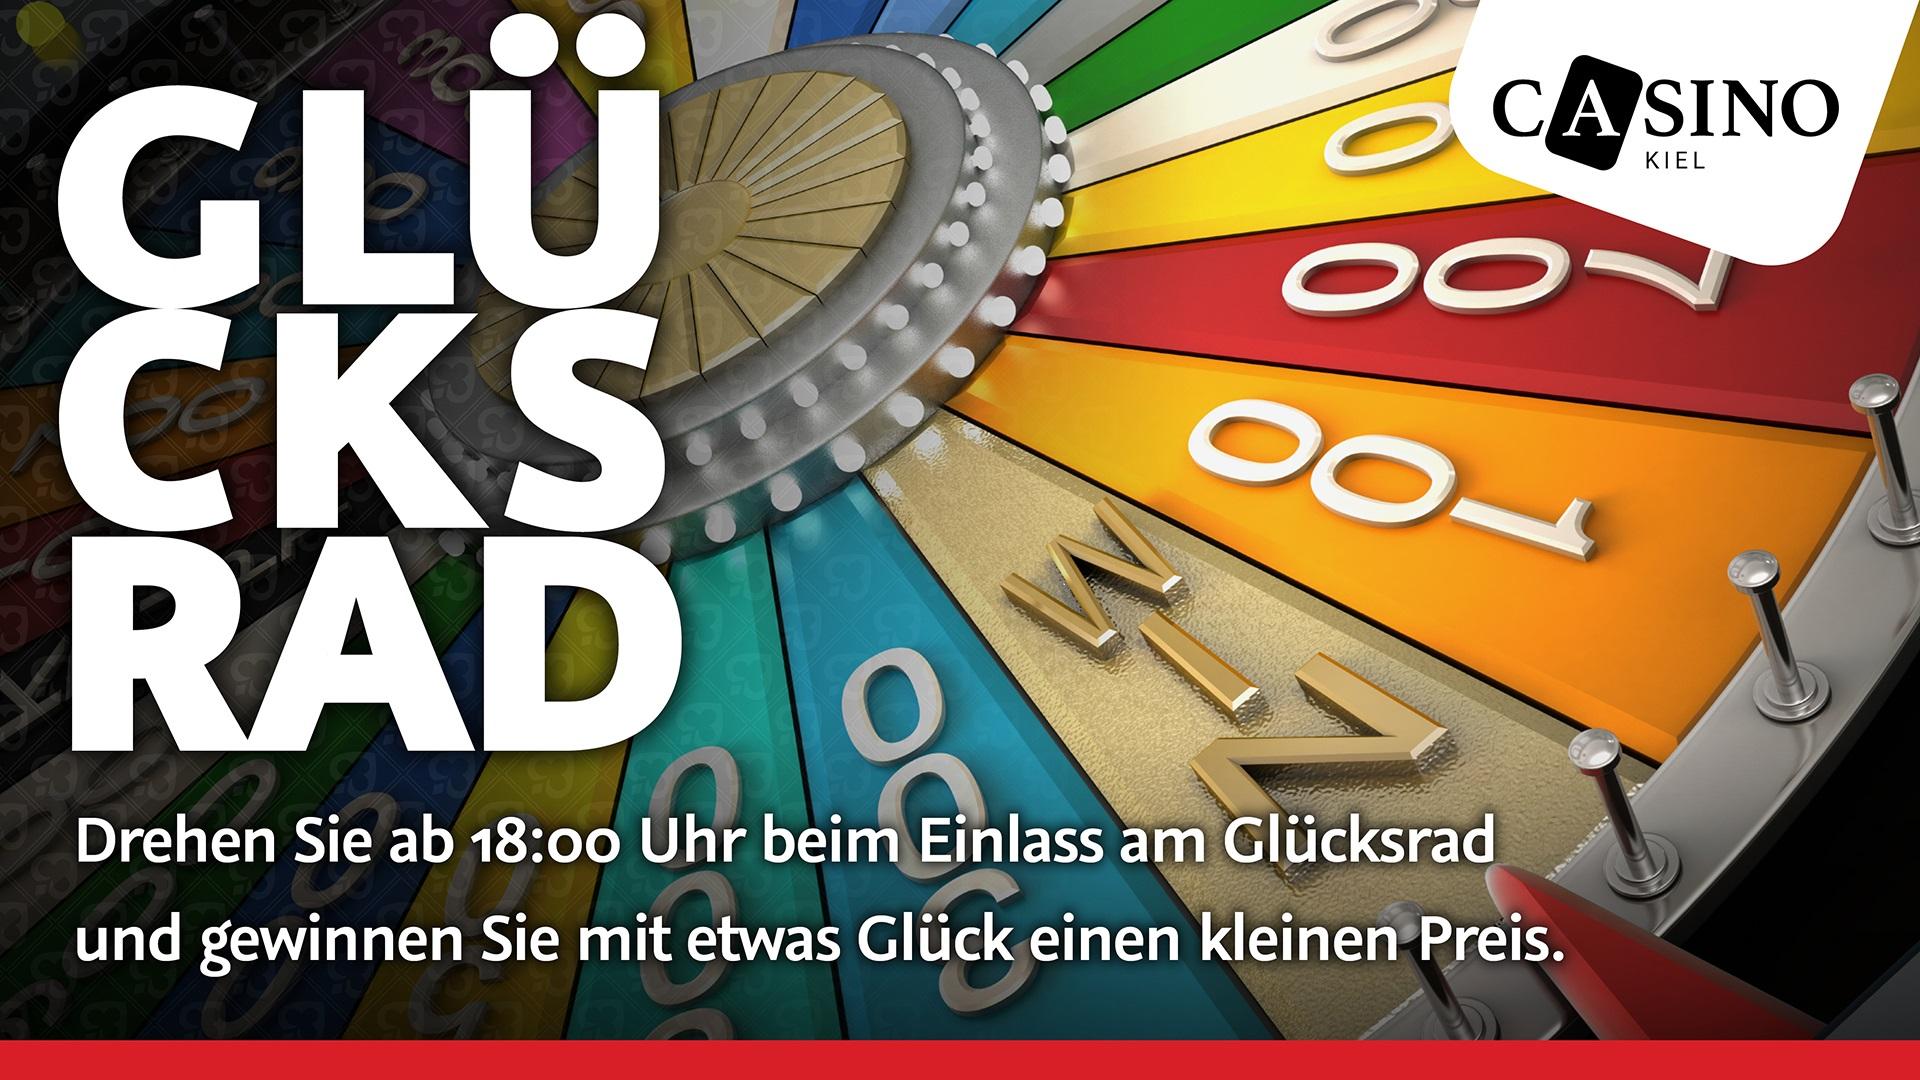 Casino Kiel öffnungszeiten